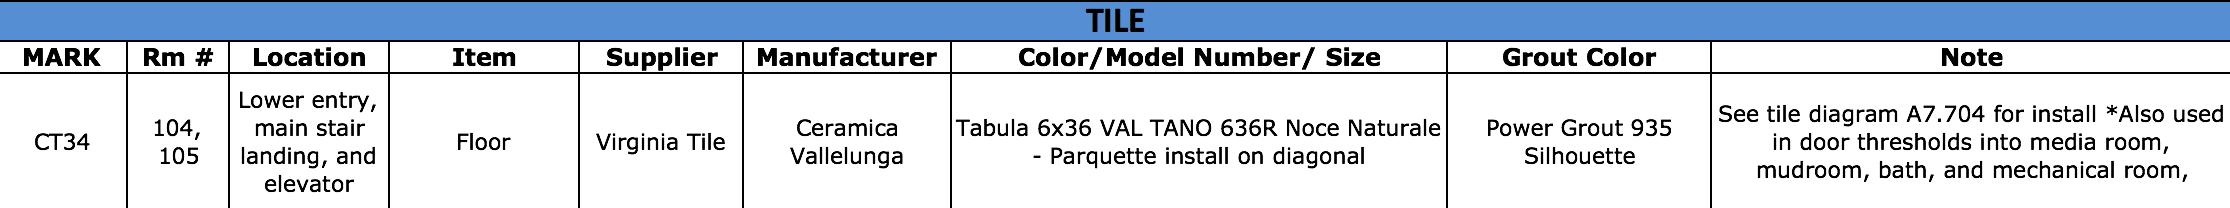 Flooring Tile Schedule.png